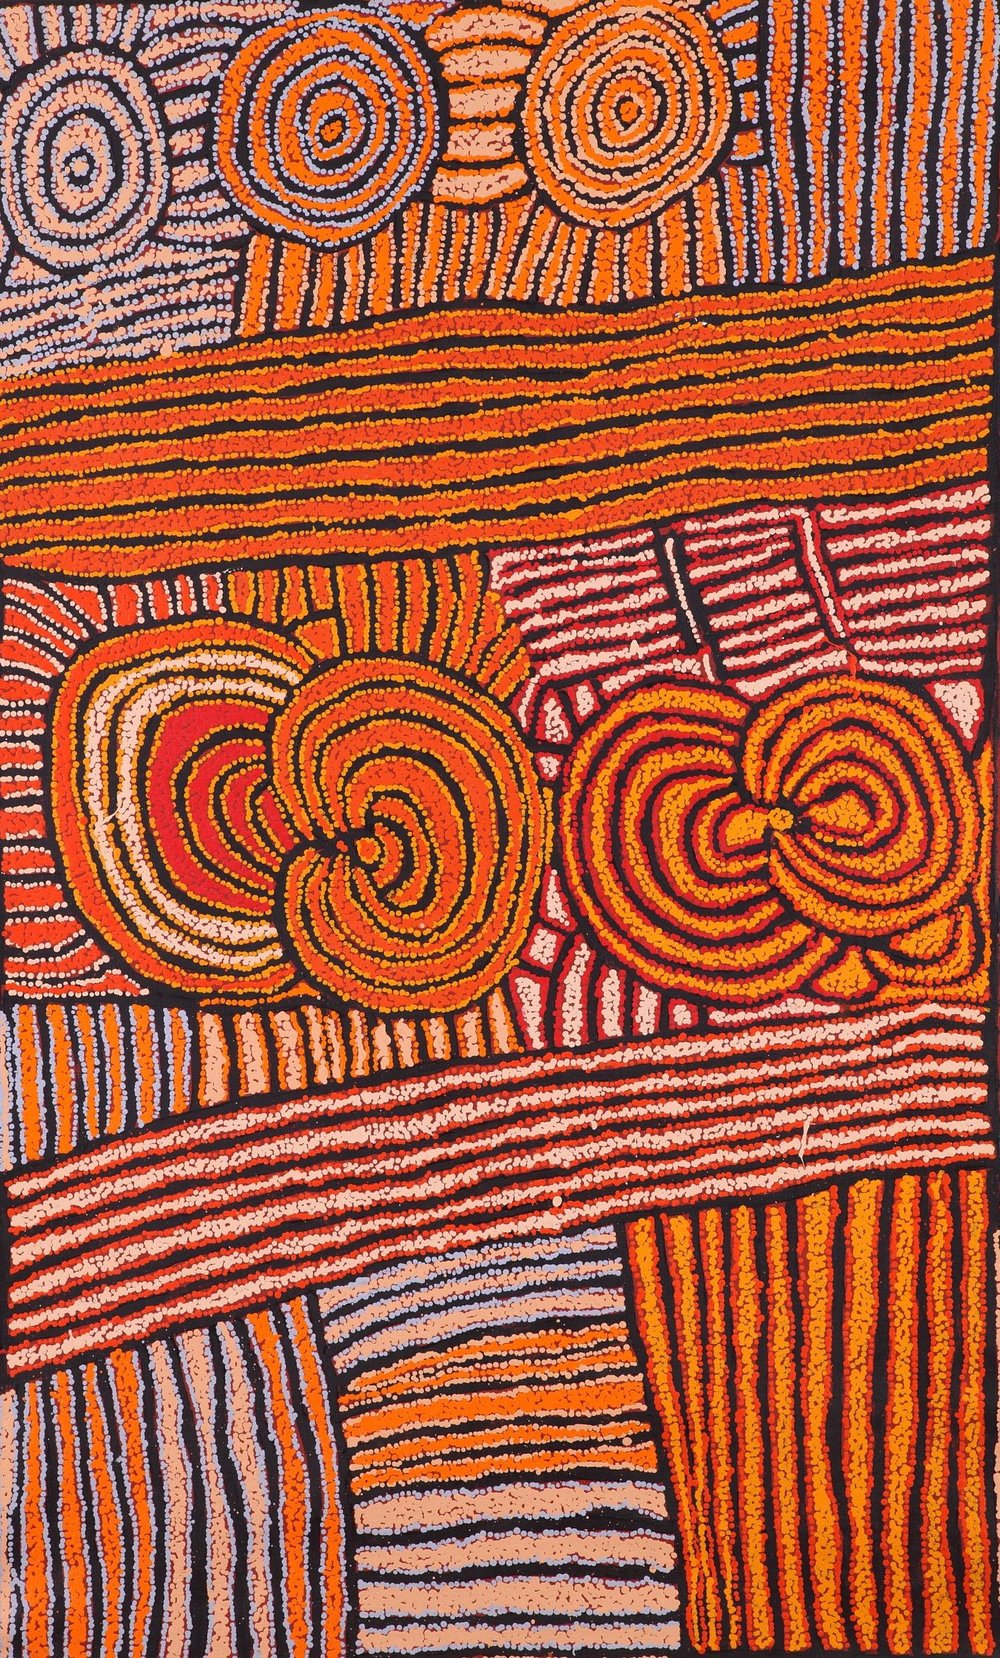 Walangkura Napanangka (Uta Uta's Widow)